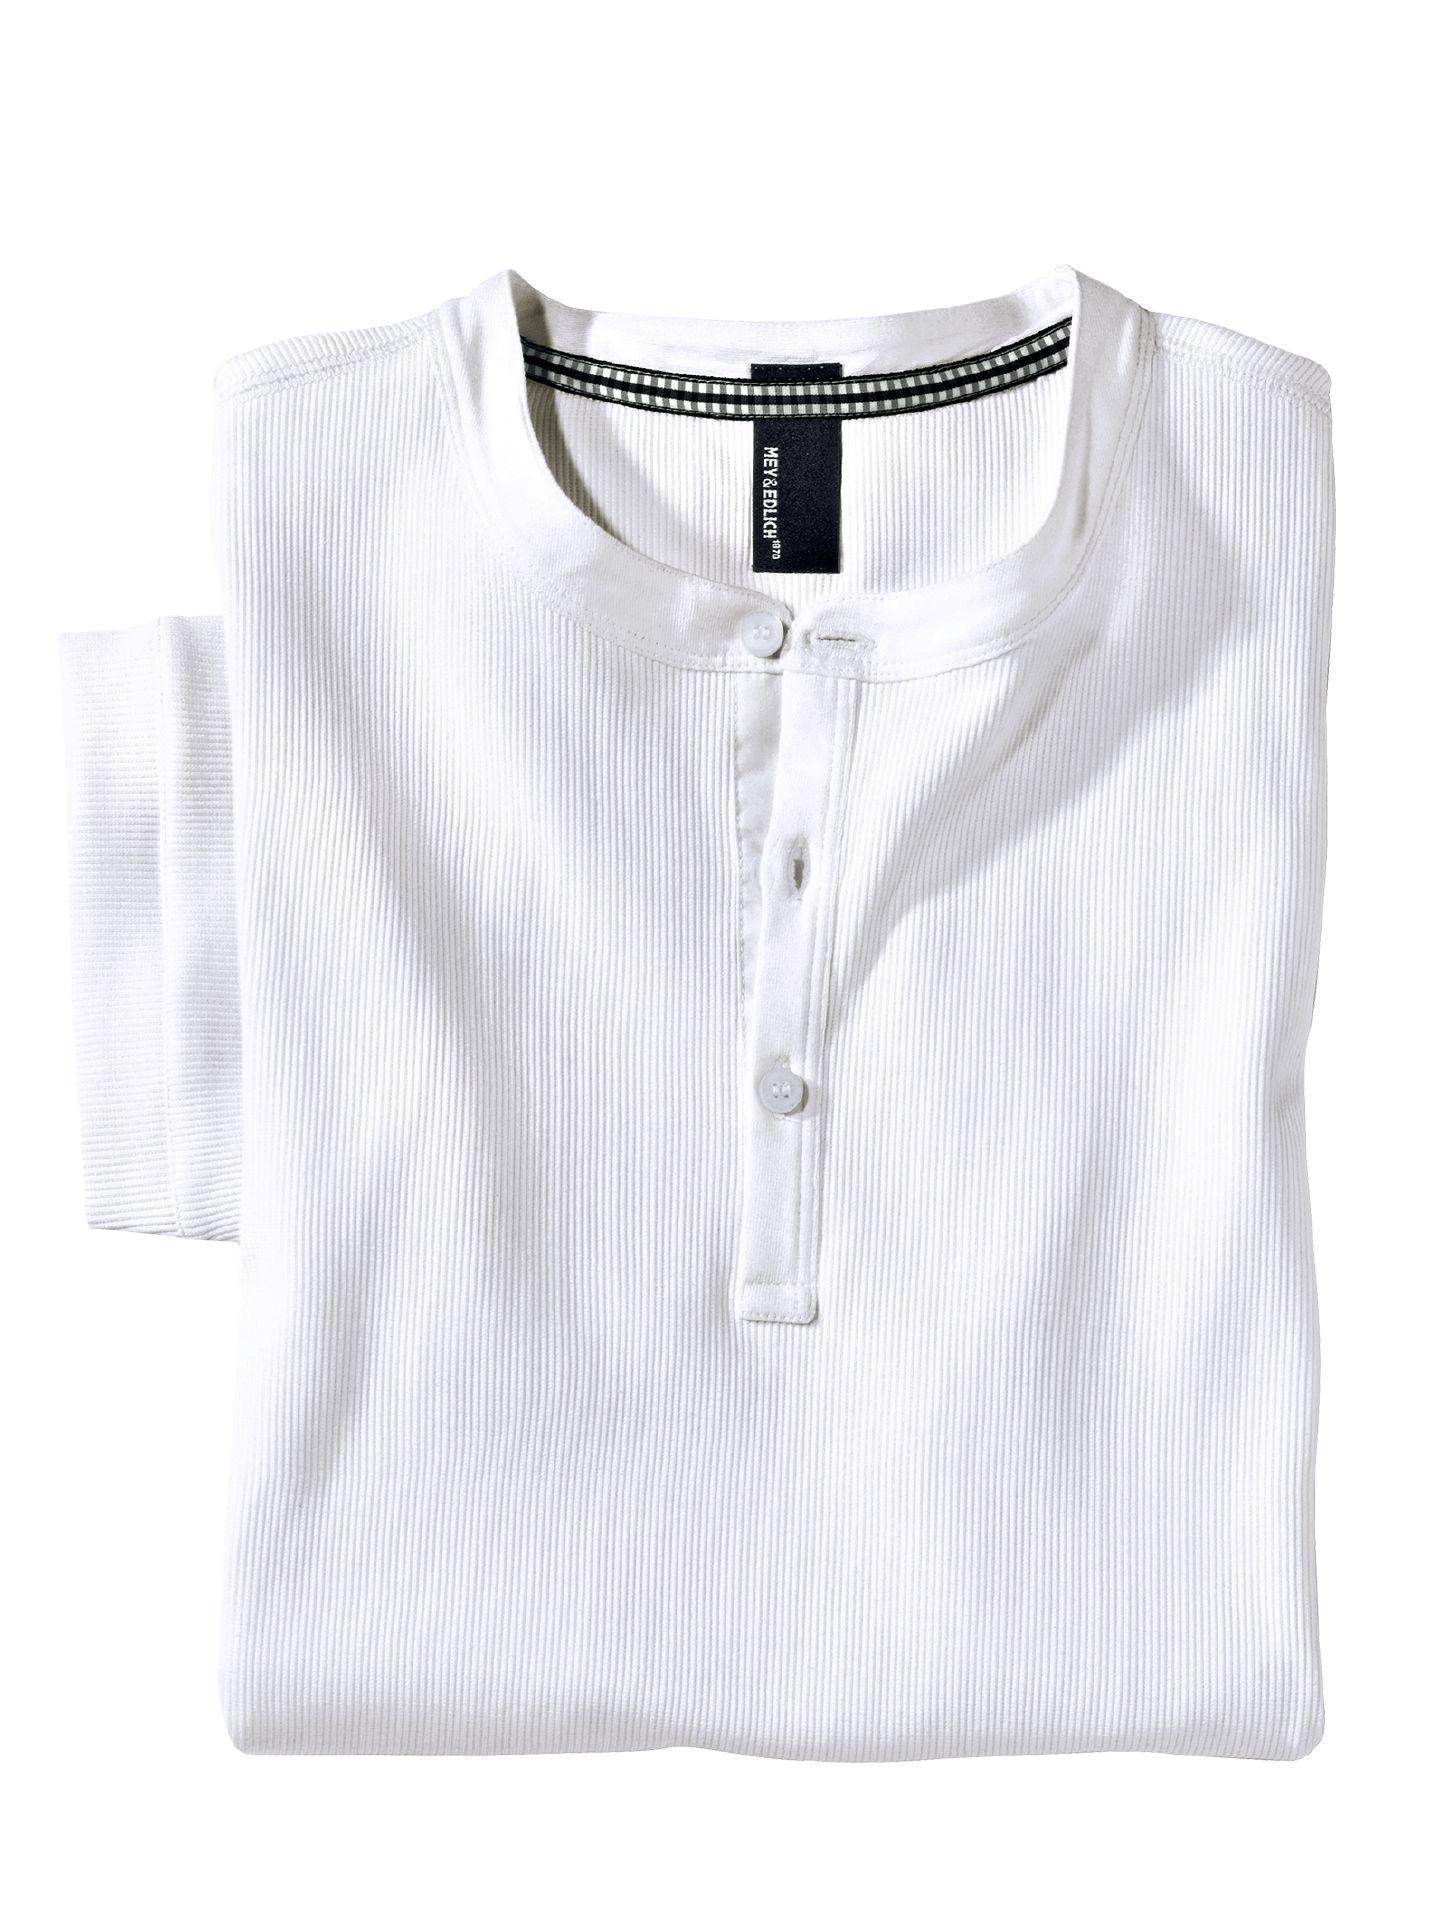 Herren Goldrausch-Shirt weiß 46, 48, 50, 52, 54, 56